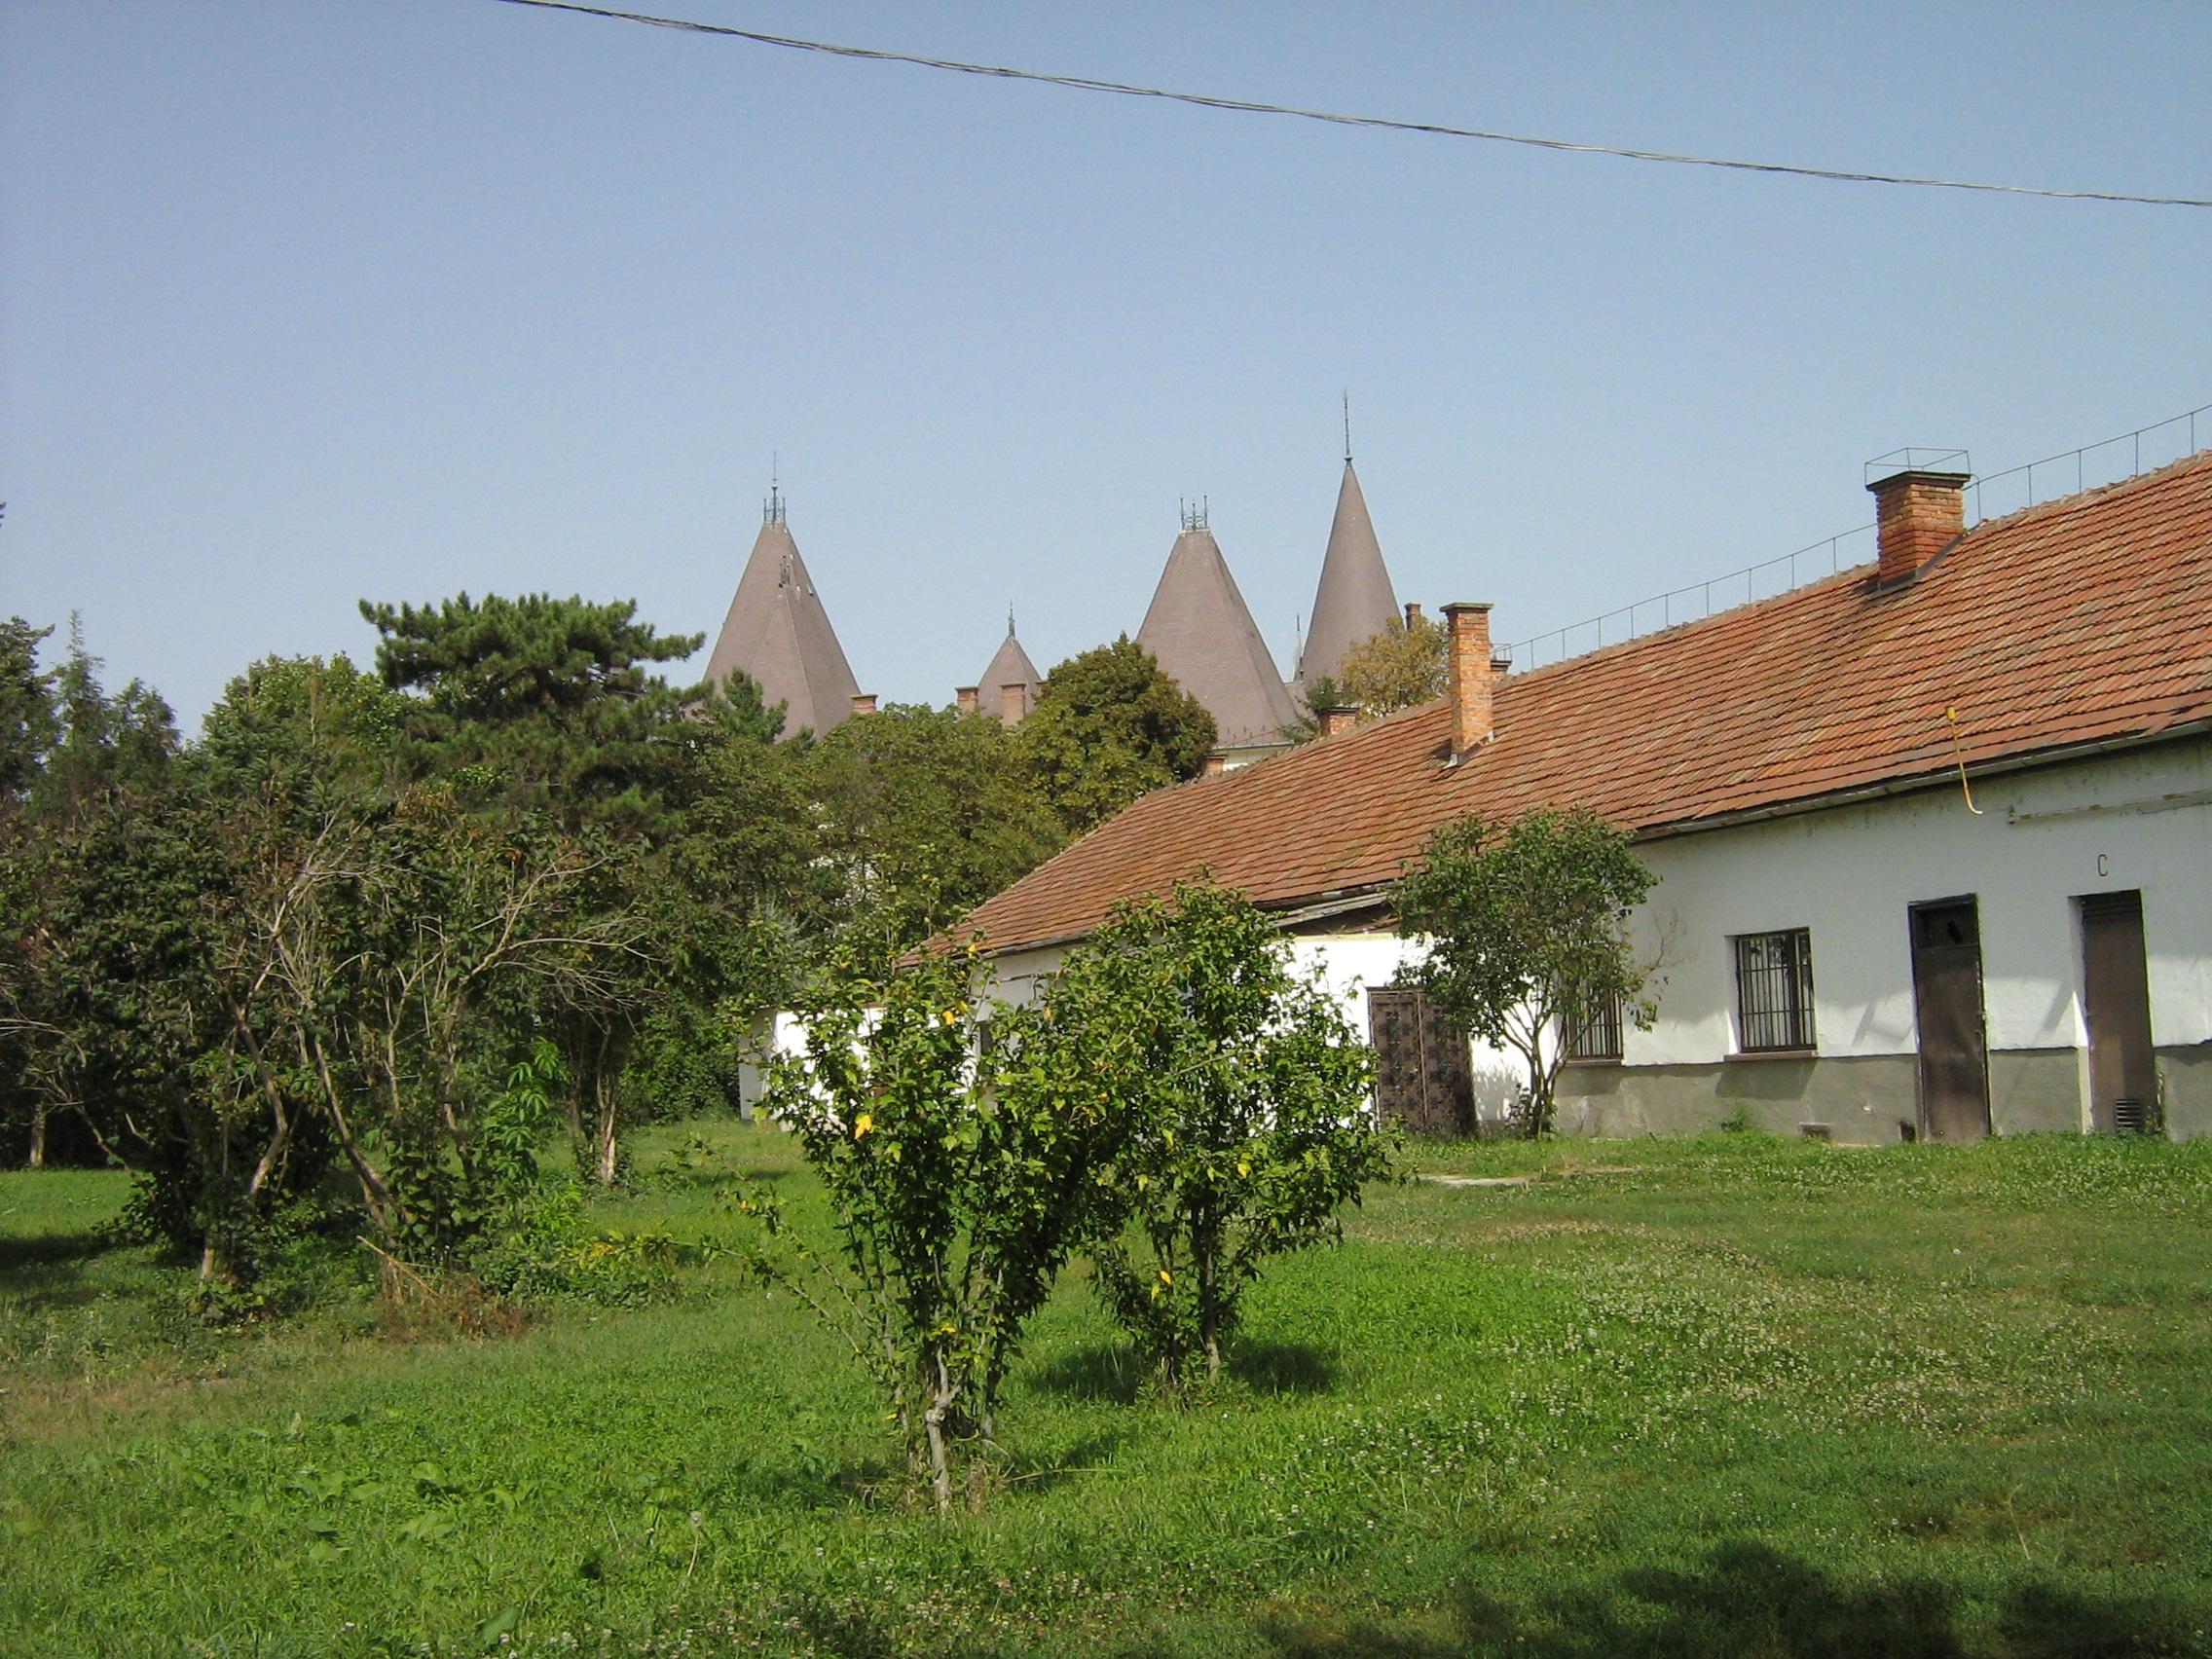 A nagykonyha épülete háttérben a kastéllyal (a szerző fotója)